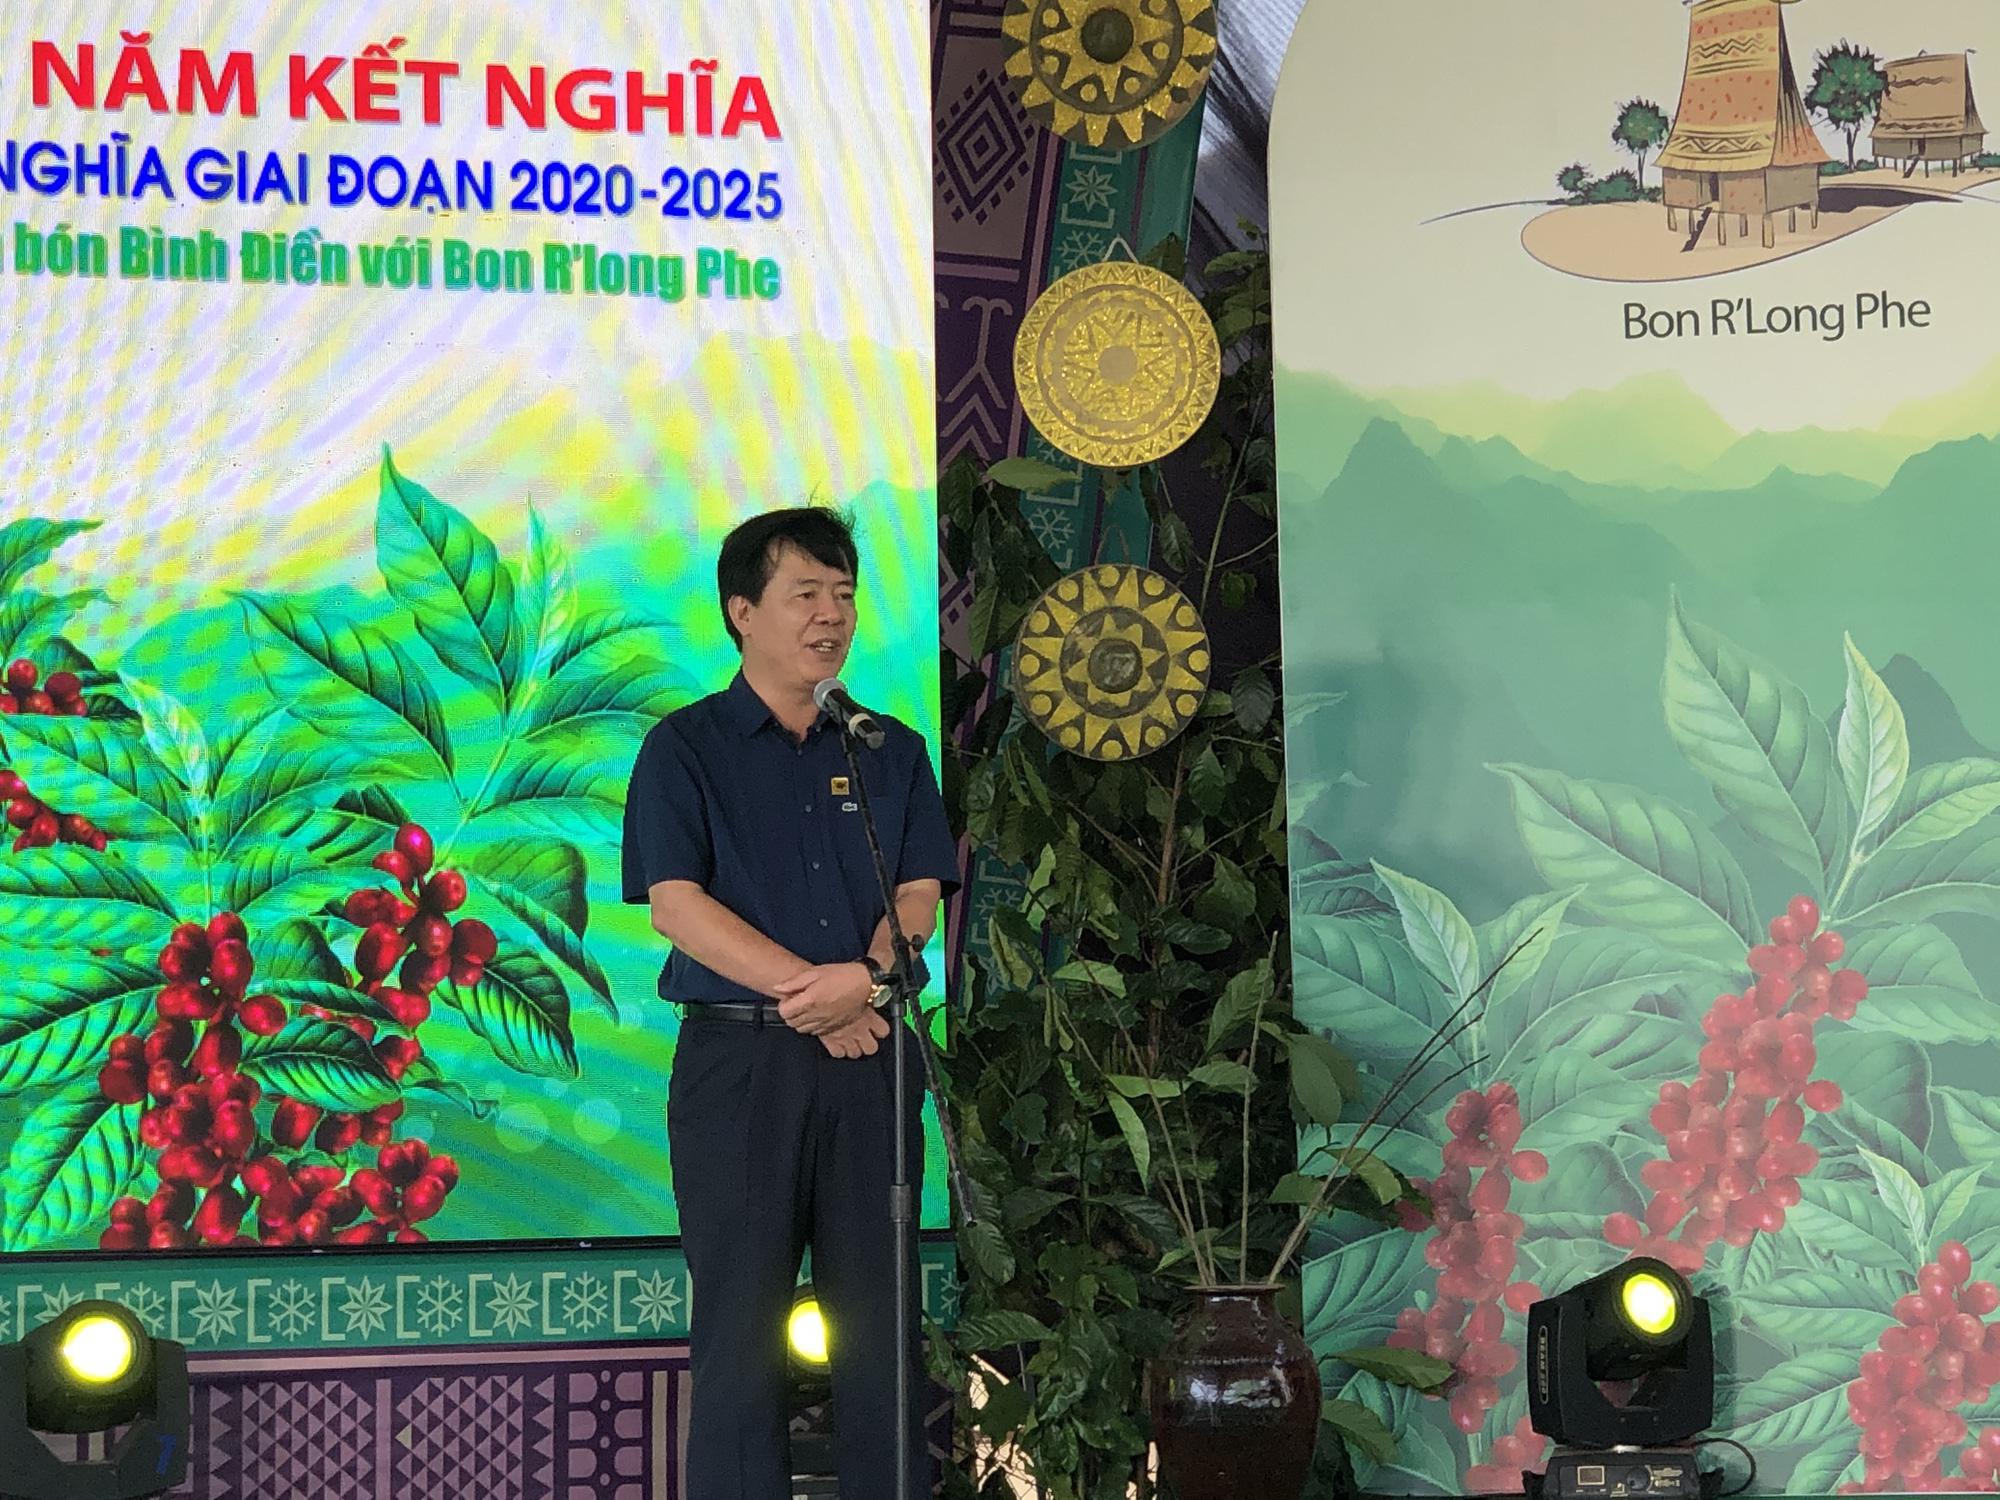 Bình Điền kết nghĩa với bon R'long Phe (Đắk Nông): 5 năm sâu nặng nghĩa tình - Ảnh 2.